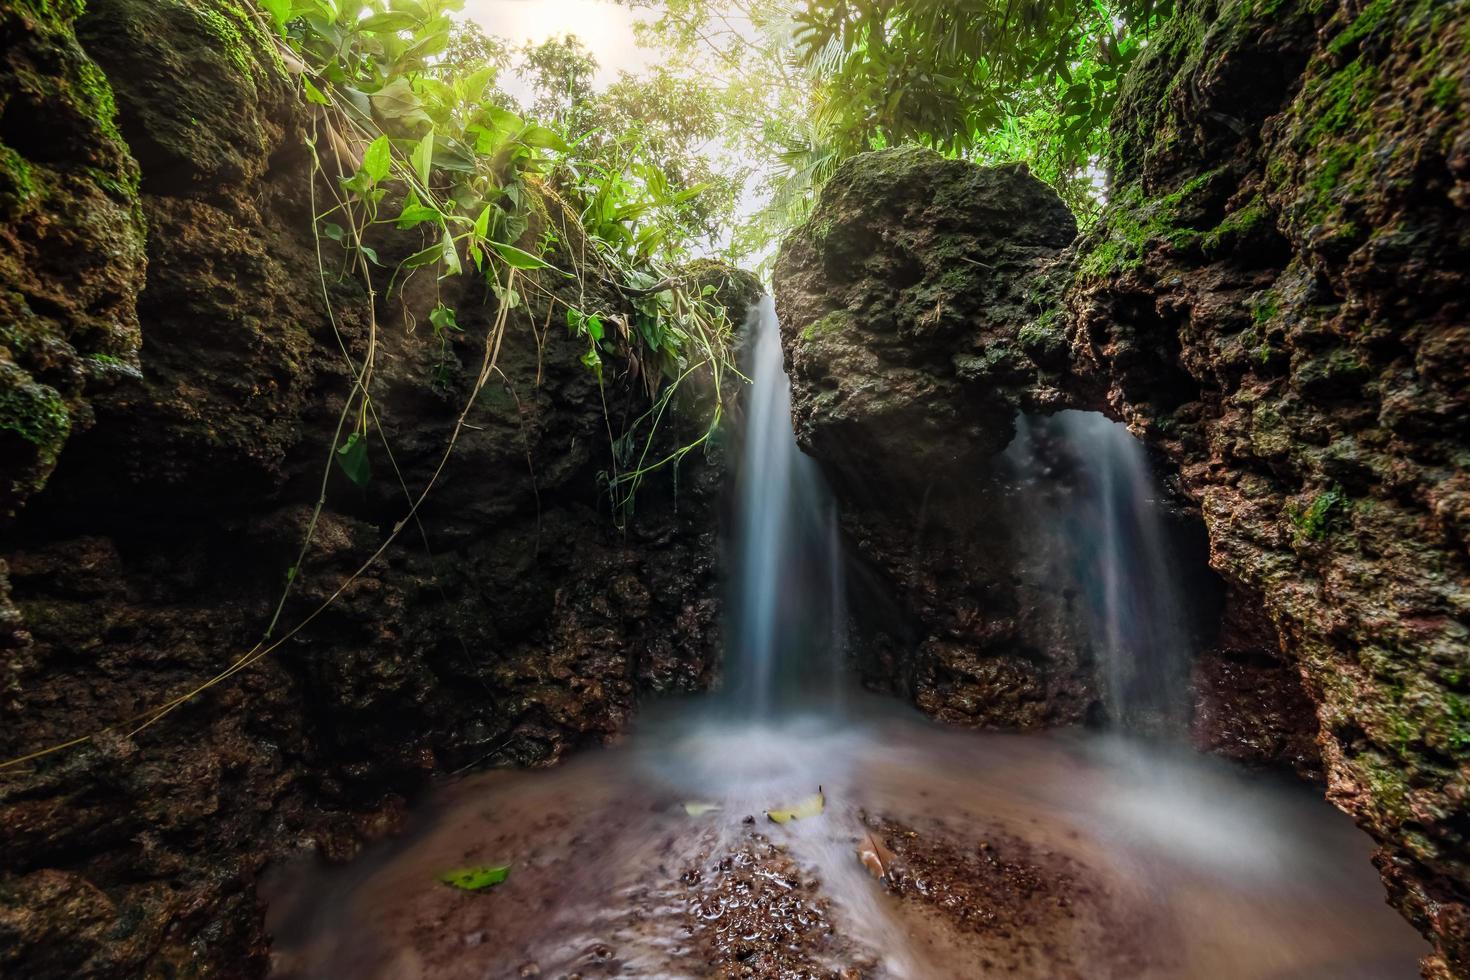 waterval in het bos van thailand foto